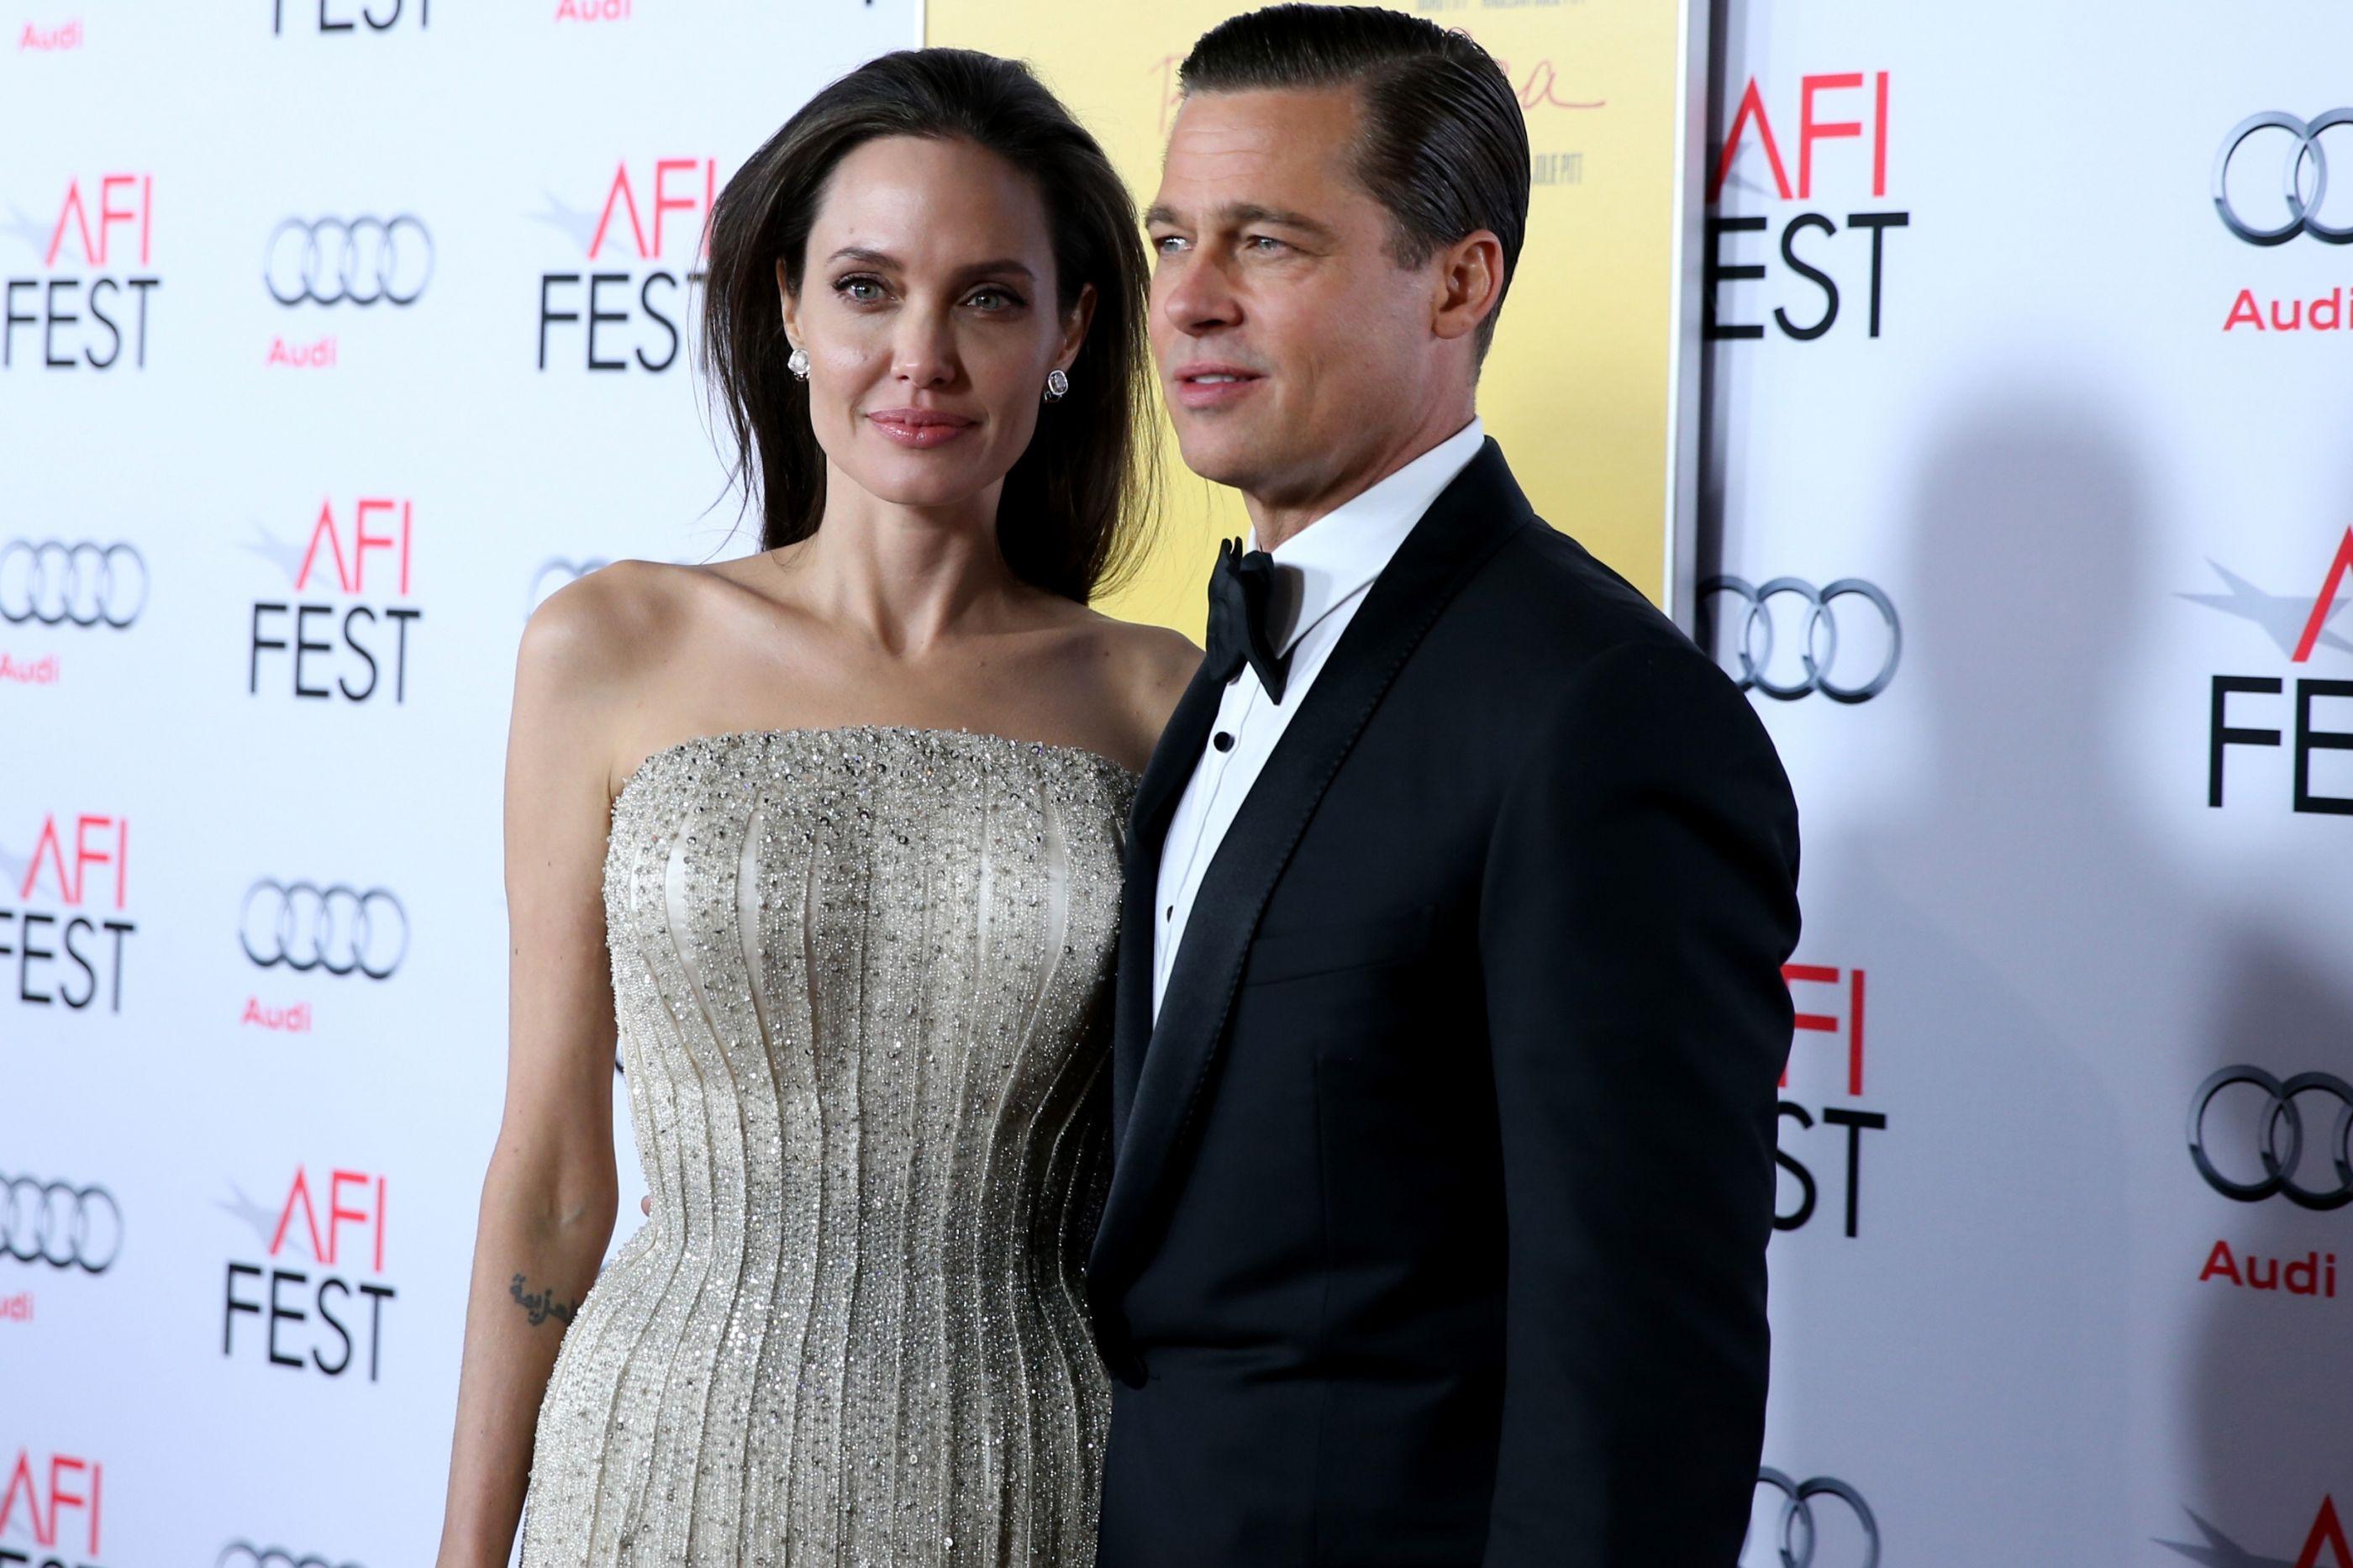 Depois do divórcio, Jolie recusa trabalhar com Brad no cinema